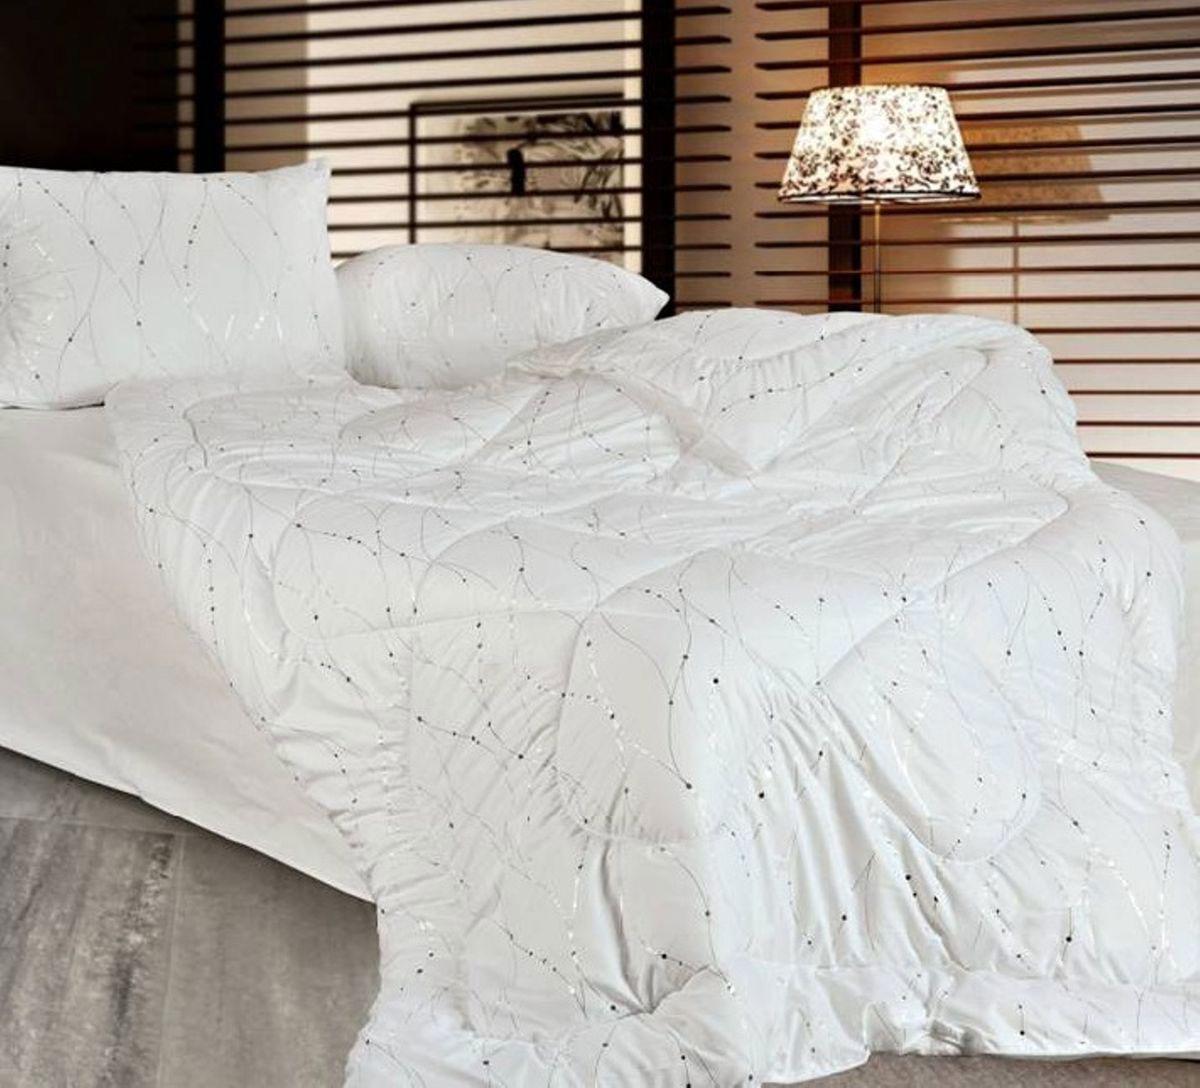 Подушка Home & Style, цвет: белый, 50 х 70 см6901СКлассическая подушка с экологичным наполнителем (соевое волокно) и стильным верхом - серебро на белом фоне. Чехол изготовлен из микрофибры. Размер подушки: 50 х 70 см.